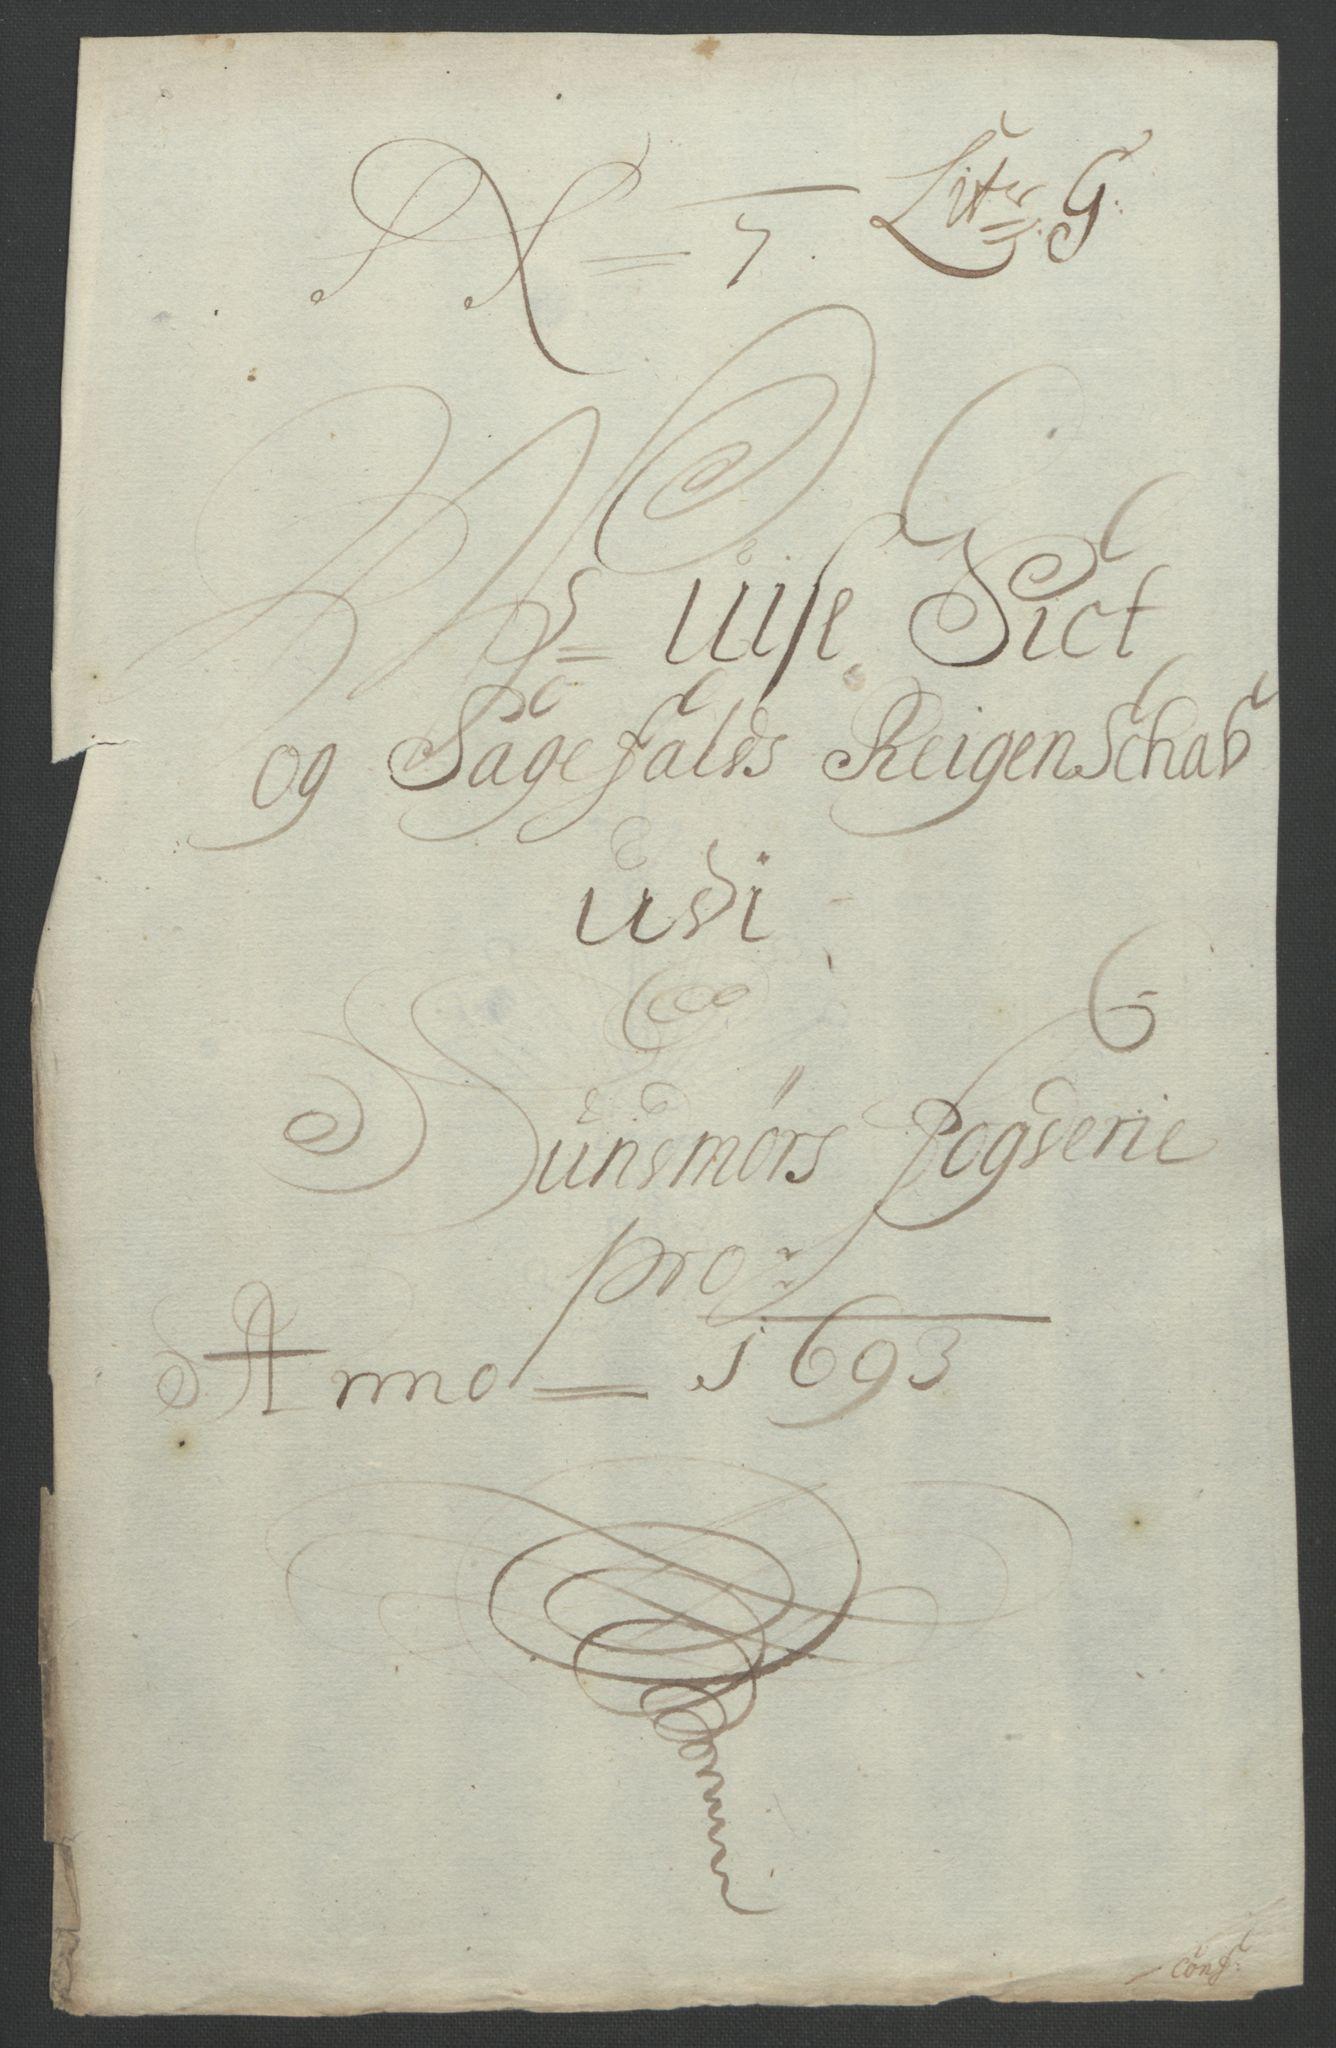 RA, Rentekammeret inntil 1814, Reviderte regnskaper, Fogderegnskap, R54/L3554: Fogderegnskap Sunnmøre, 1691-1693, s. 484